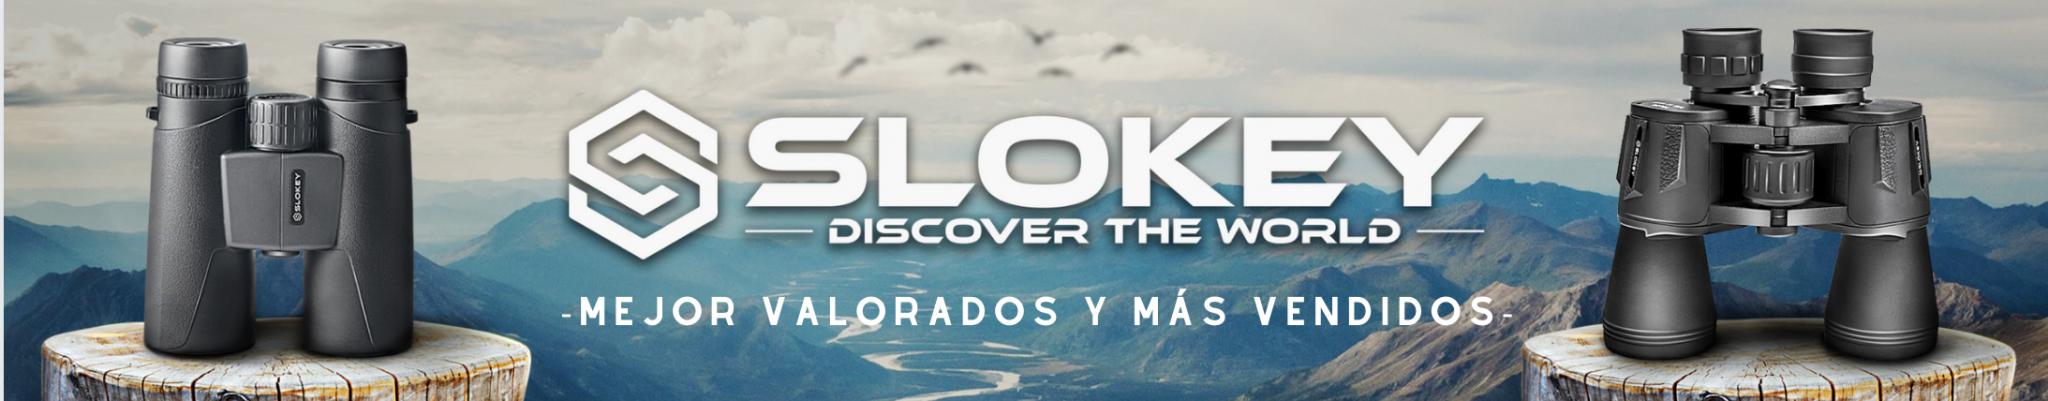 slokey-mejor-valorados-y-mas-vendidos